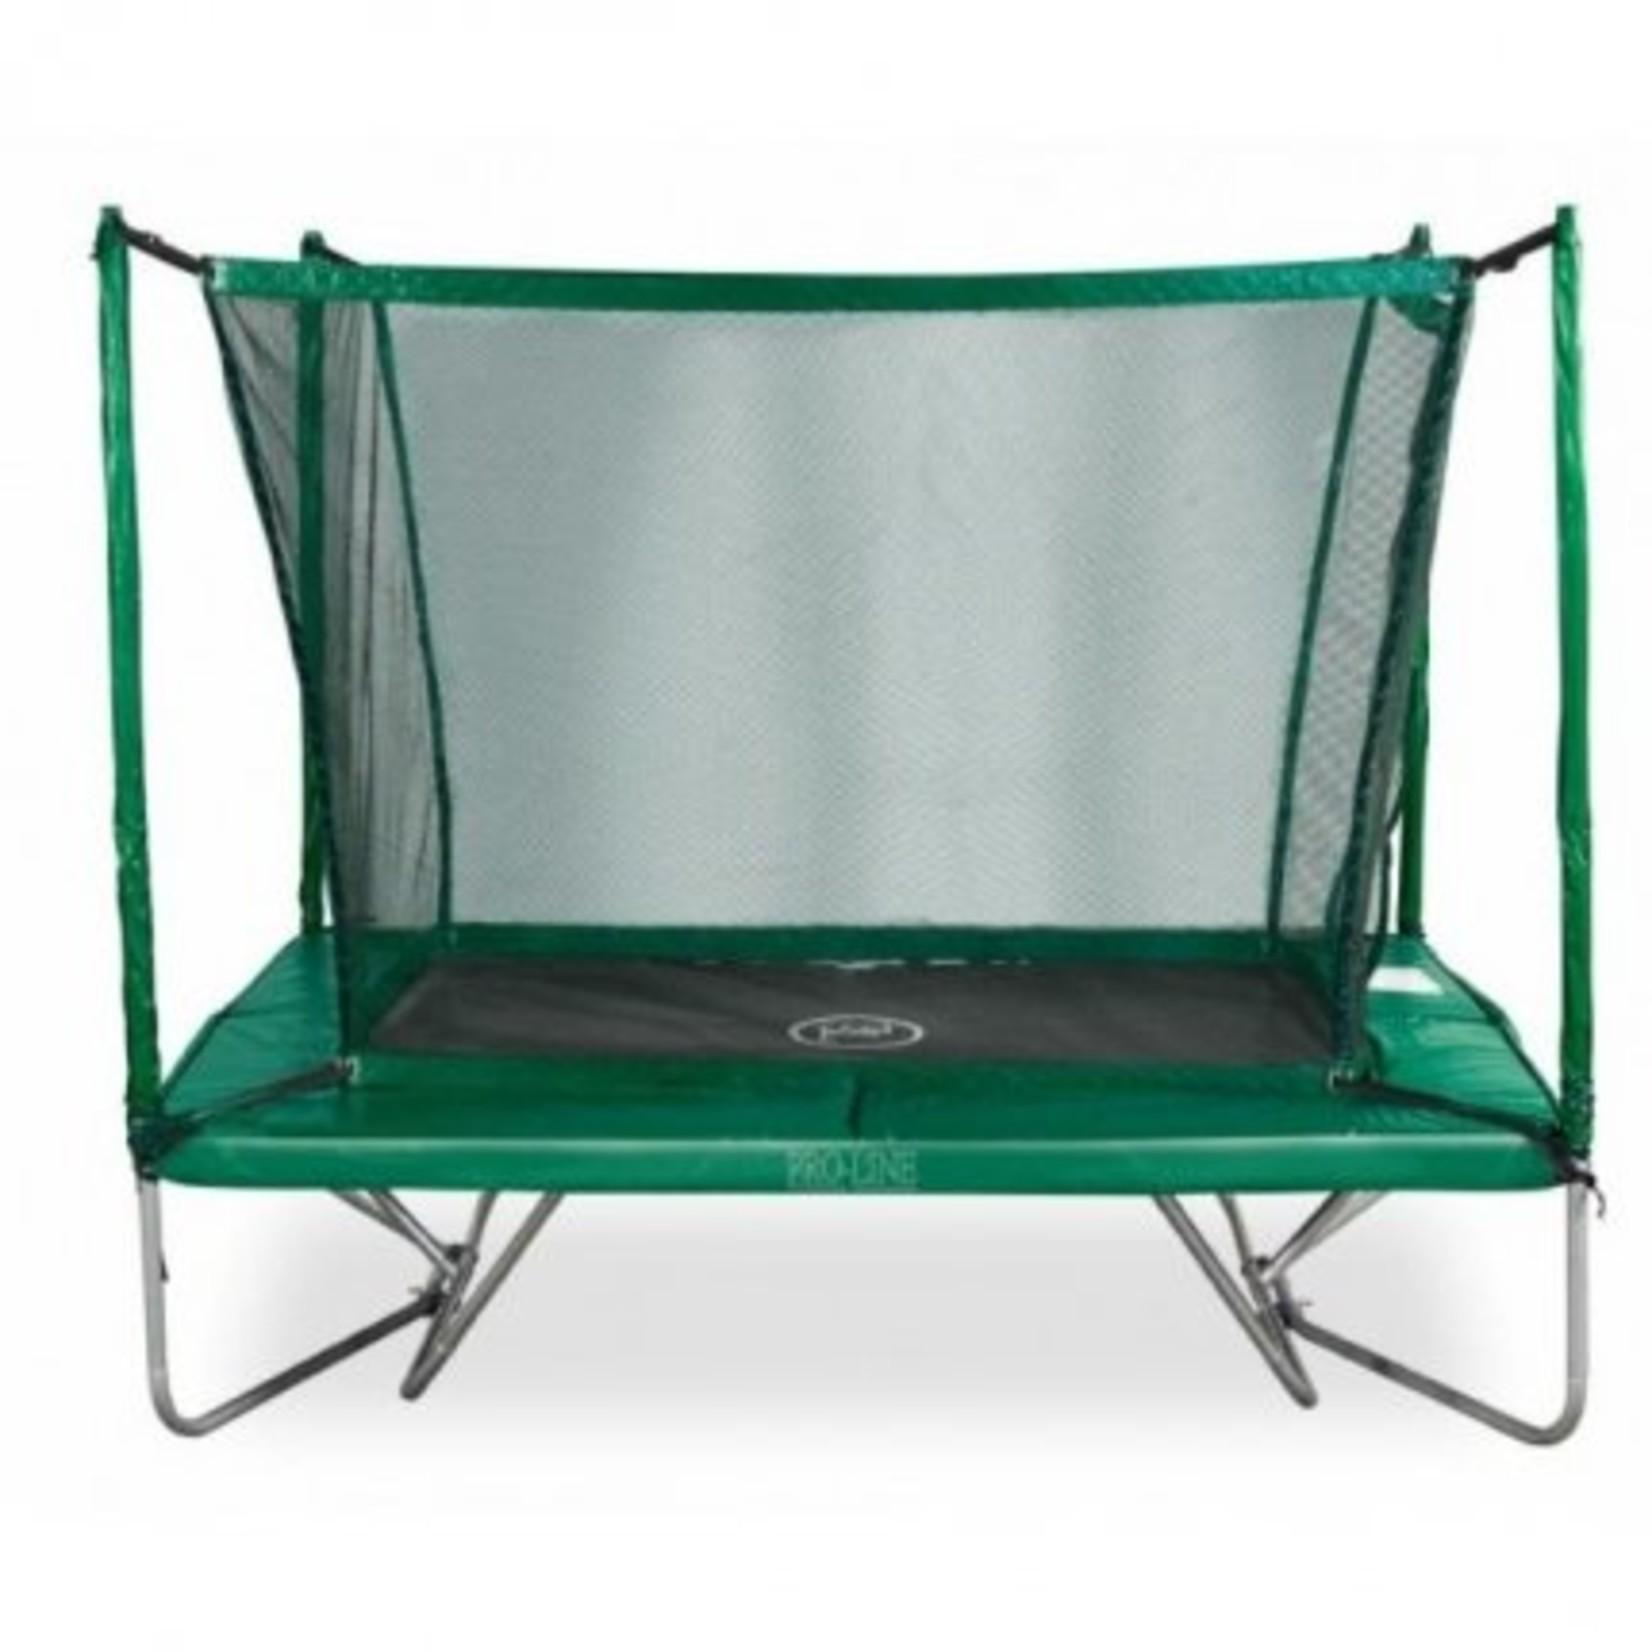 Avyna Top kwaliteit trampoline inclusief veiligheidsnet en ladder.Formaat:300x230x93cm.